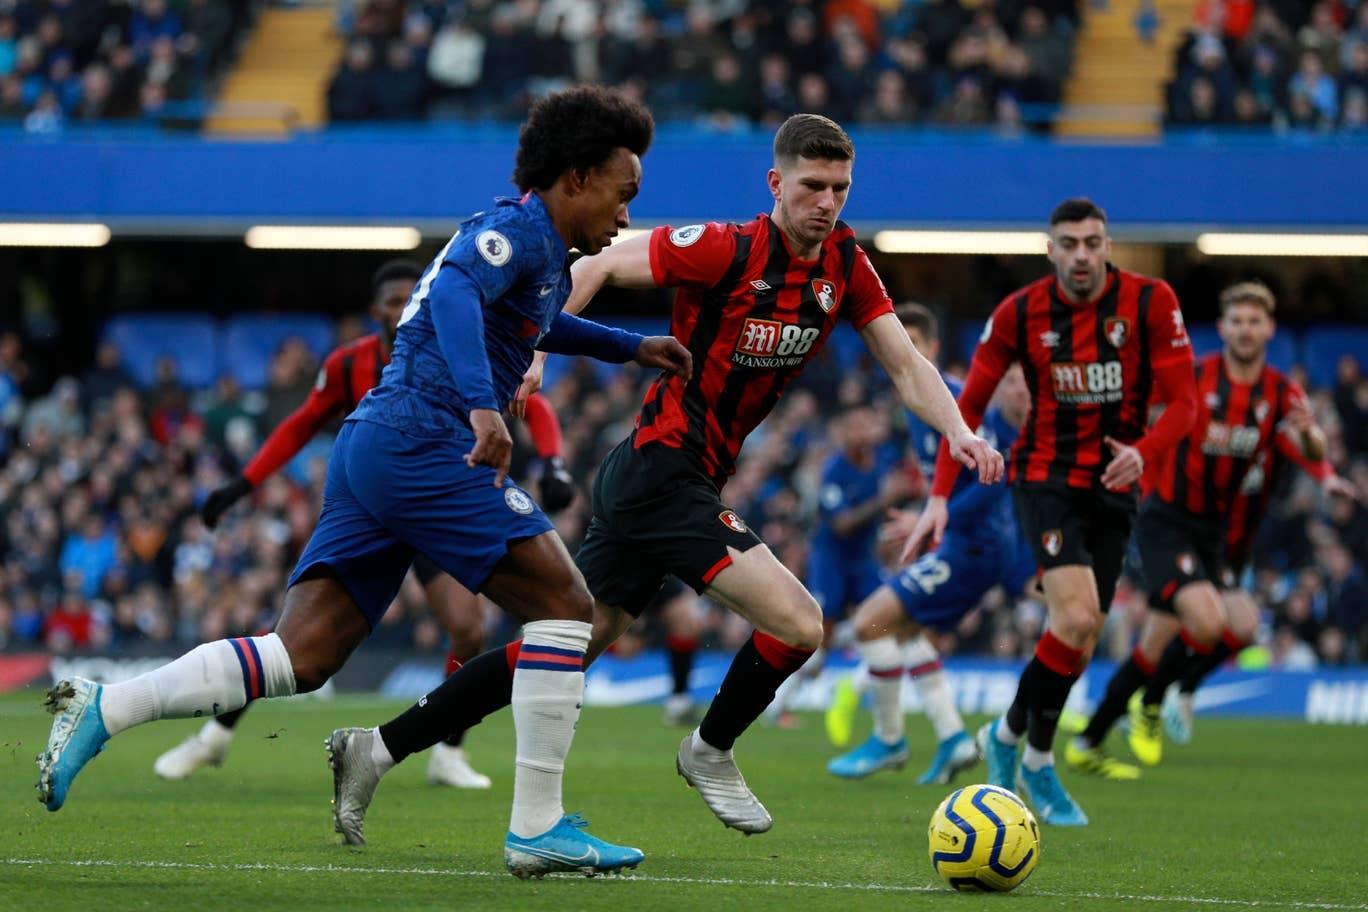 'Tình huống đó tổng hợp trận đấu giữa Chelsea và Bournemouth' - Bóng Đá